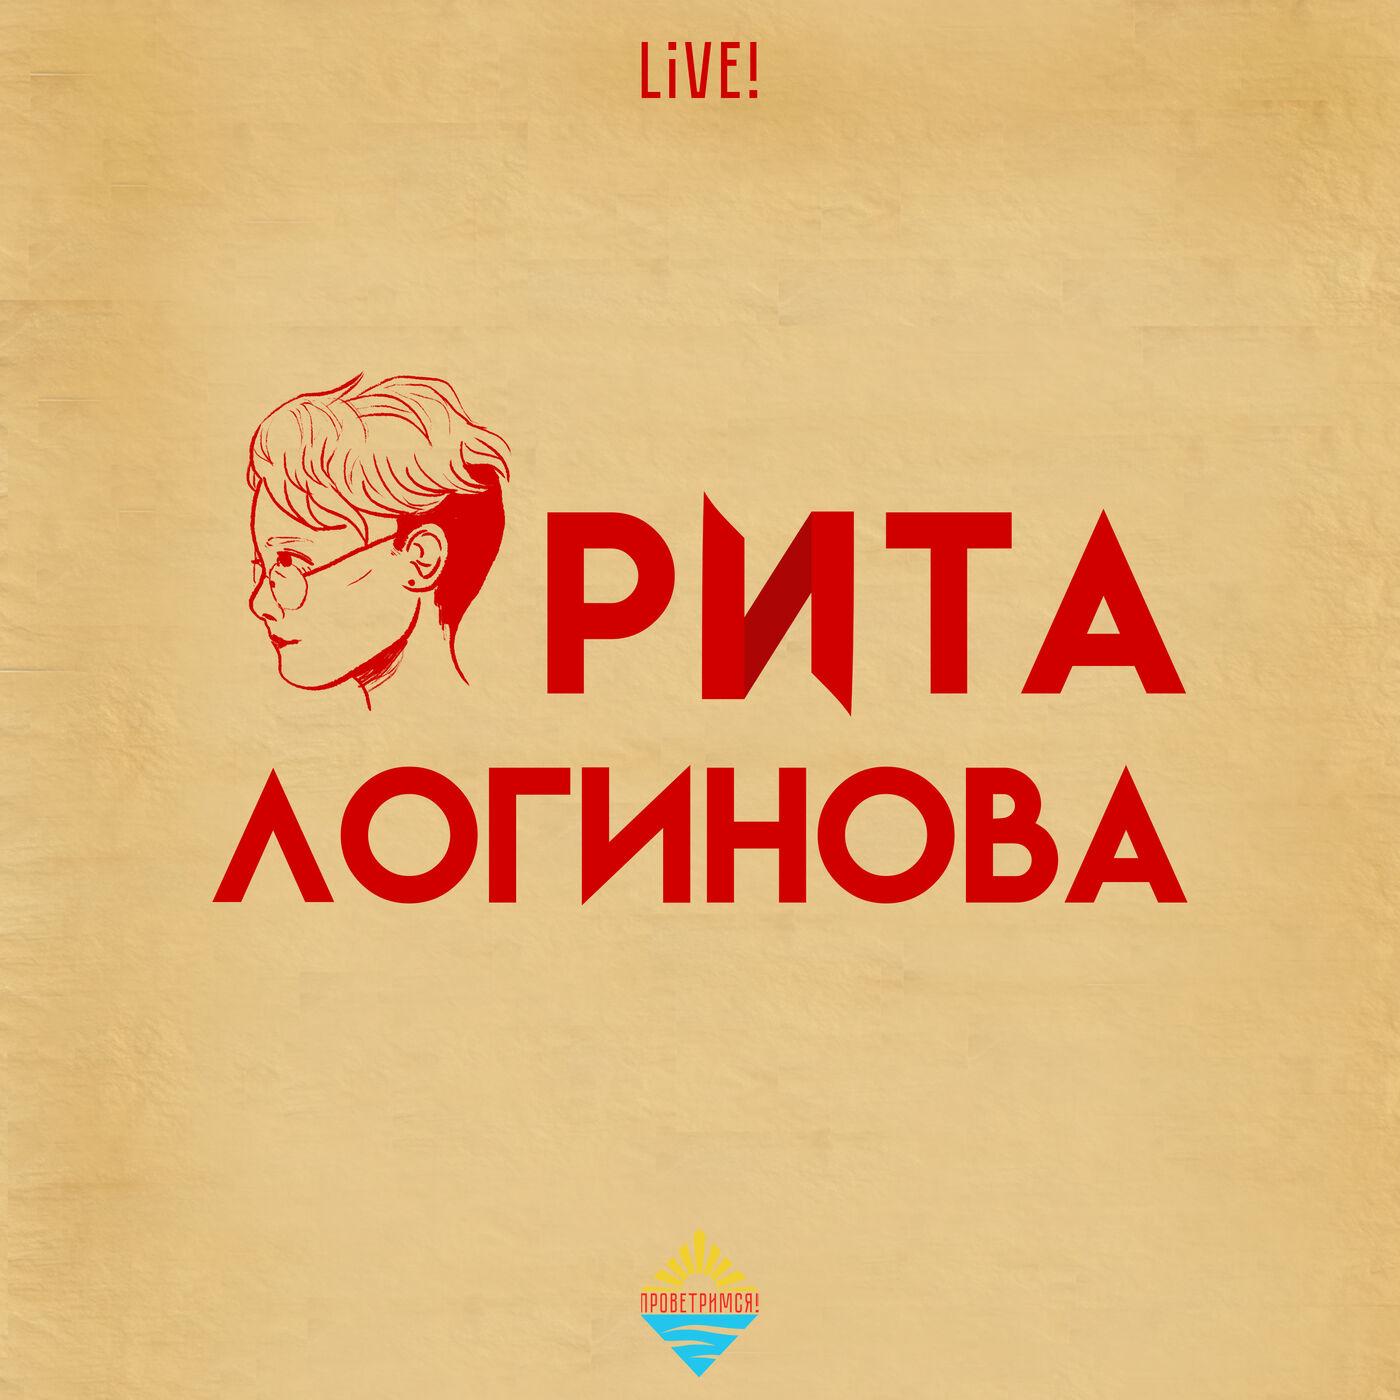 Рита Логинова live!